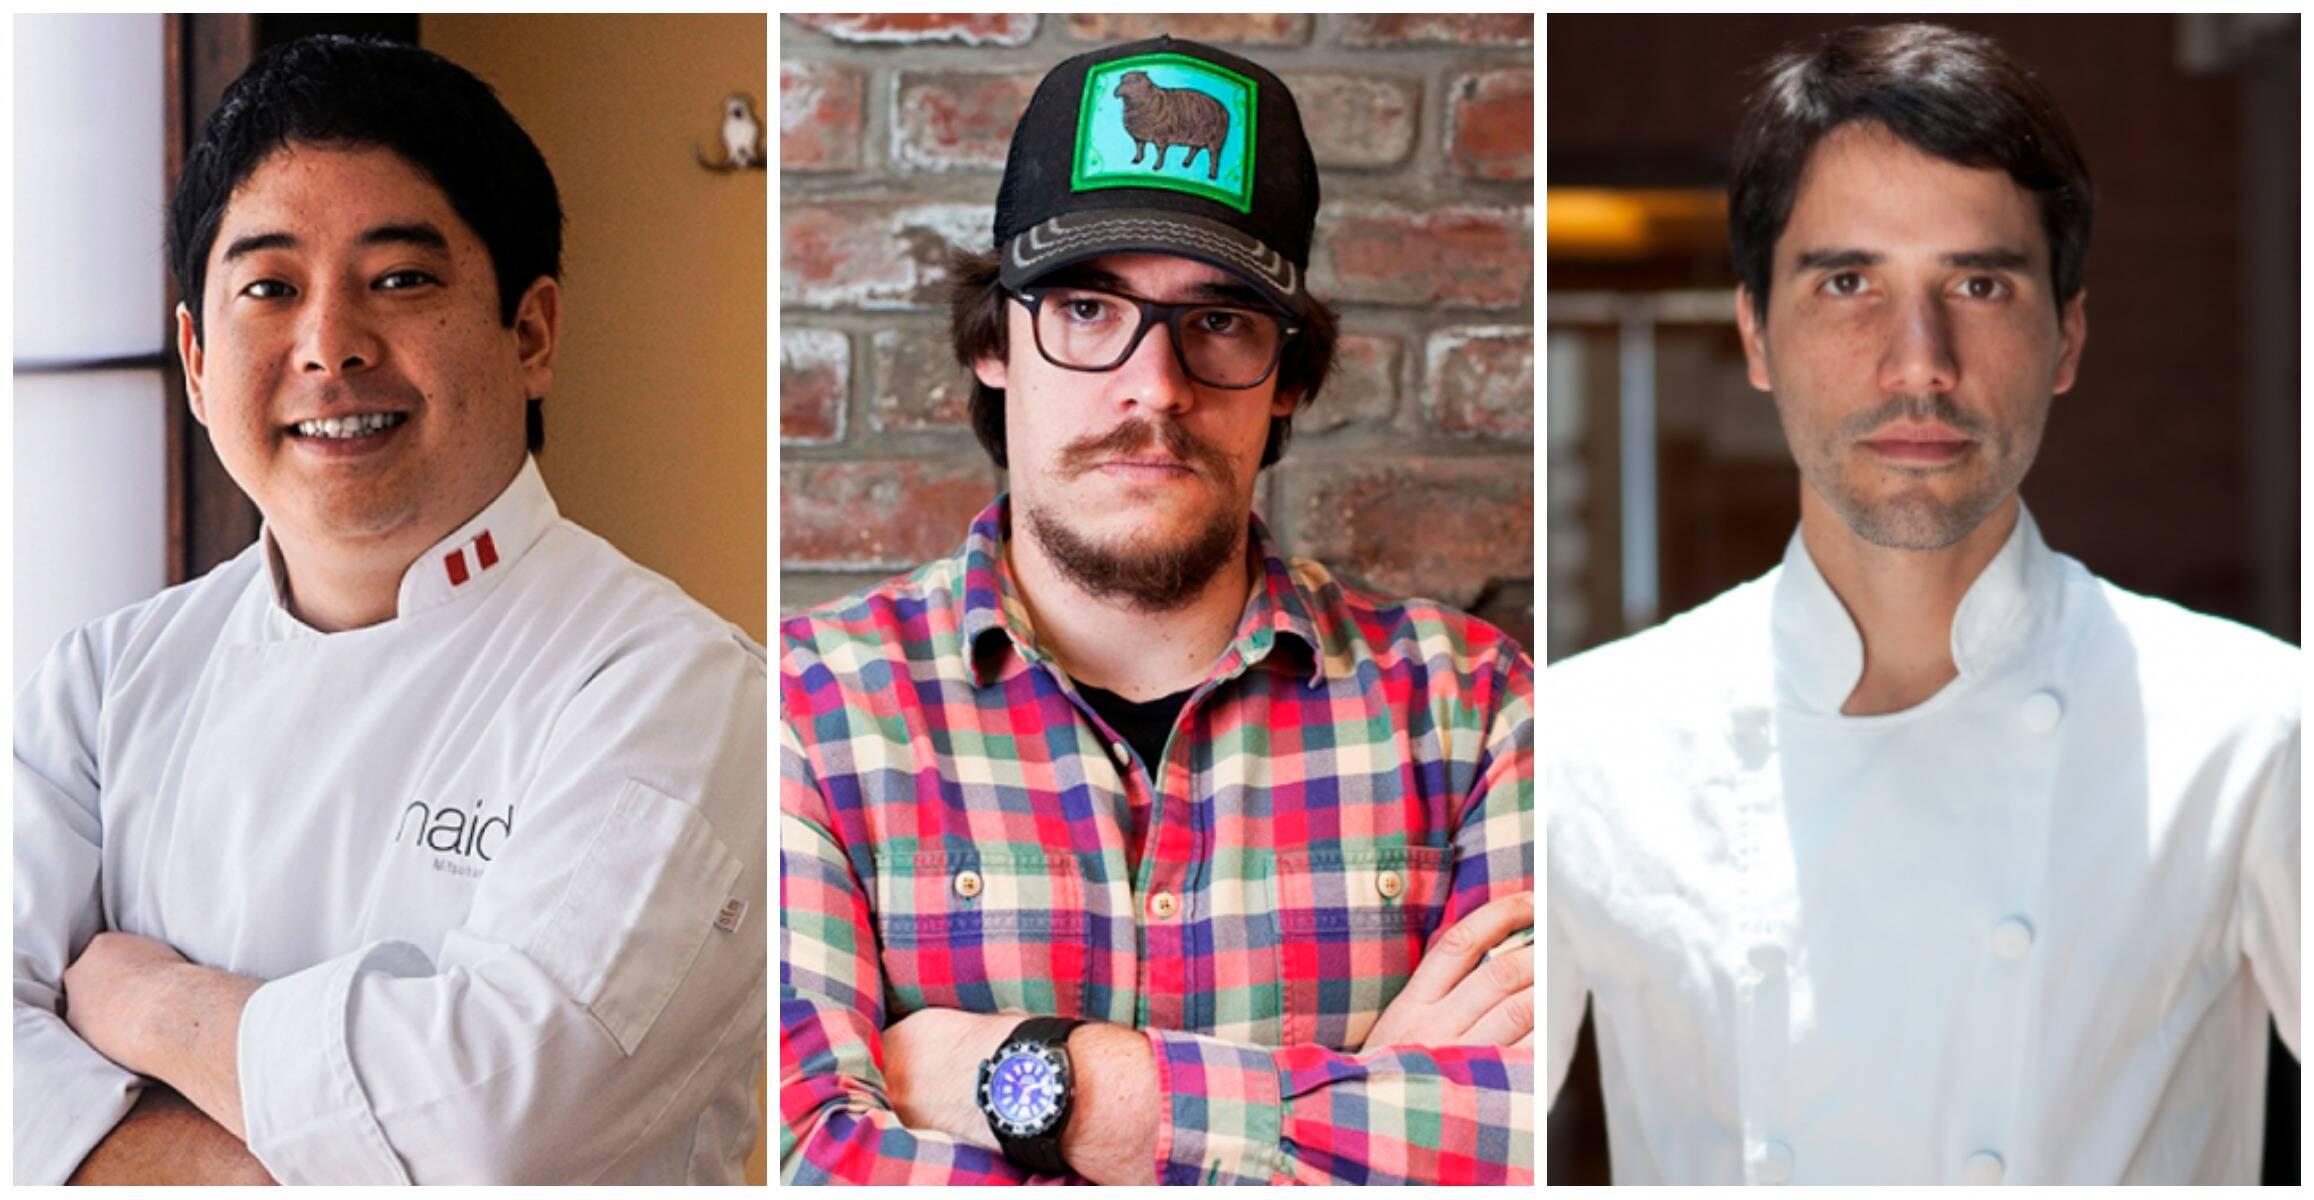 Os chefs Mitsuharu Tsumura, Renzo Garibaldi e Virgilio Martinez, estrelas do jantar beneficente do dia 3 de maio, em São Paulo/ Fotos: divulgação